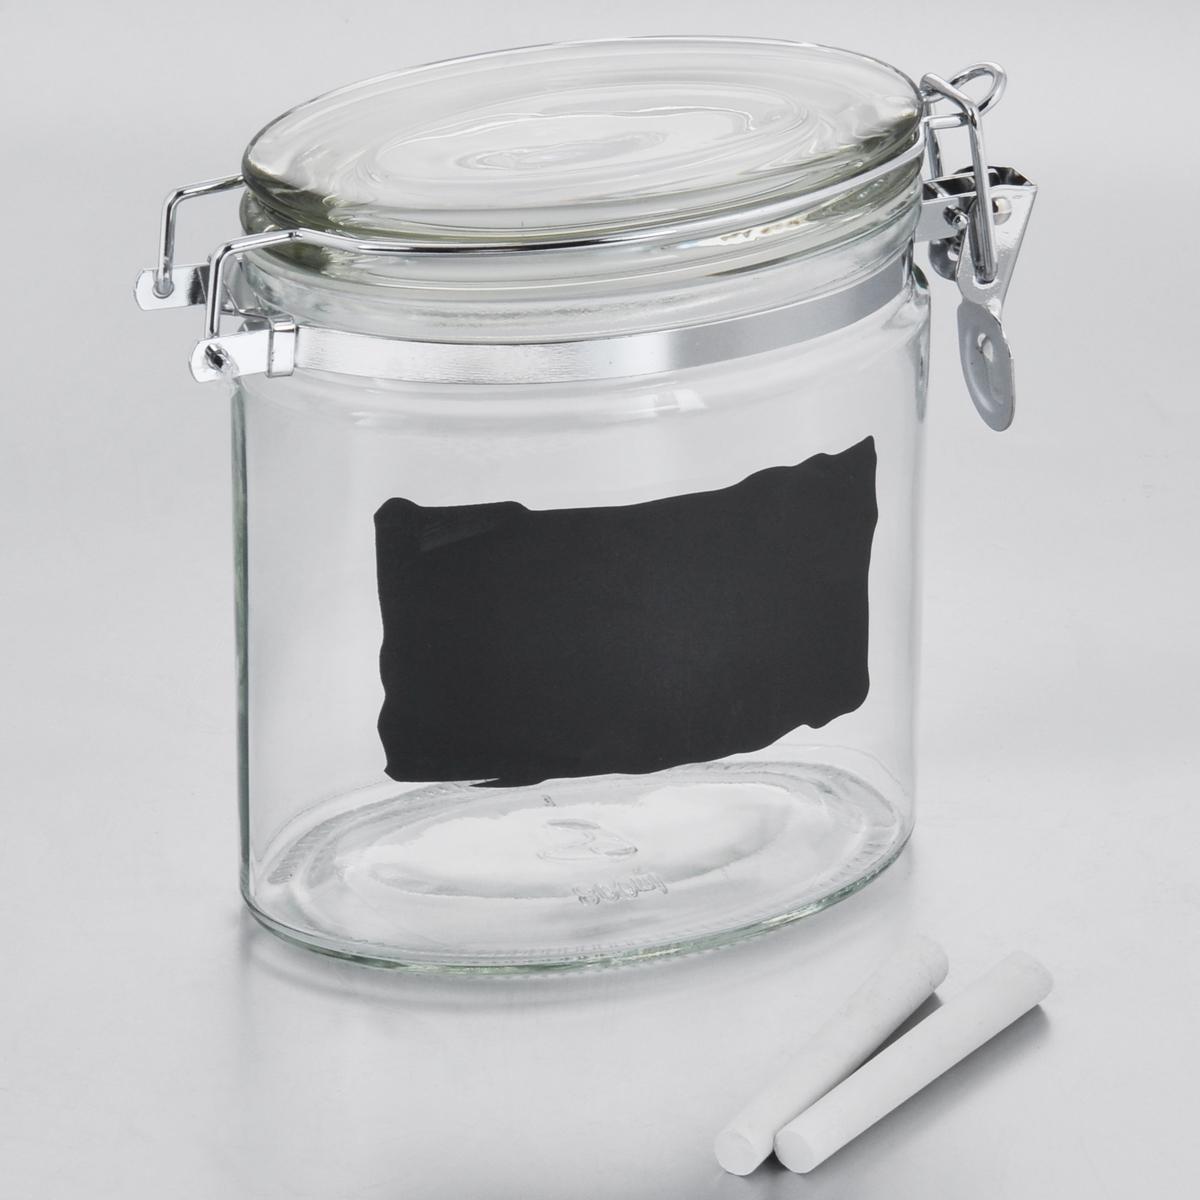 Емкость для хранения Esprado Cristella, с доской и мелками, 800 мл4630003364517Емкость для хранения Esprado Cristella изготовлена из качественного прозрачного стекла, отполированного до идеального блеска и гладкости. Изделие имеет овальную форму. Стекло термостойкое, что позволяет использовать емкость Esprado при различных температурах (от -15°С до +100°С). Это делает ее функциональным и универсальным кухонным аксессуаром. Емкость прекрасно подходит для хранения кофе, сахара, орехов, специй и других сыпучих продуктов. Изделие оснащено крышкой с силиконовой прослойкой, которая плотно закрывается металлическим зажимом. Это обеспечивает герметичность и дольше сохраняет продукты свежими. На внешней стенке имеется доска, на которой можно записать название продуктов (2 мелка в комплекте). Благодаря различным дизайнерским решениям такая емкость дополнит и украсит интерьер любой кухни. Емкости для хранения из коллекции Cristella разработаны на основе эргономичных дизайнерских решений, которые позволяют максимально эффективно и рационально использовать кухонные поверхности. Благодаря универсальному внешнему виду, они будут привлекательно смотреться в интерьере любой кухни. Емкости для хранения незаменимы на кухне: они помогают сохранить свежесть продуктов, защищают от попадания излишней влаги и позволяют эффективно использовать ограниченное кухонное пространство. Не использовать в духовом шкафу, микроволновой печи и посудомоечной машине.